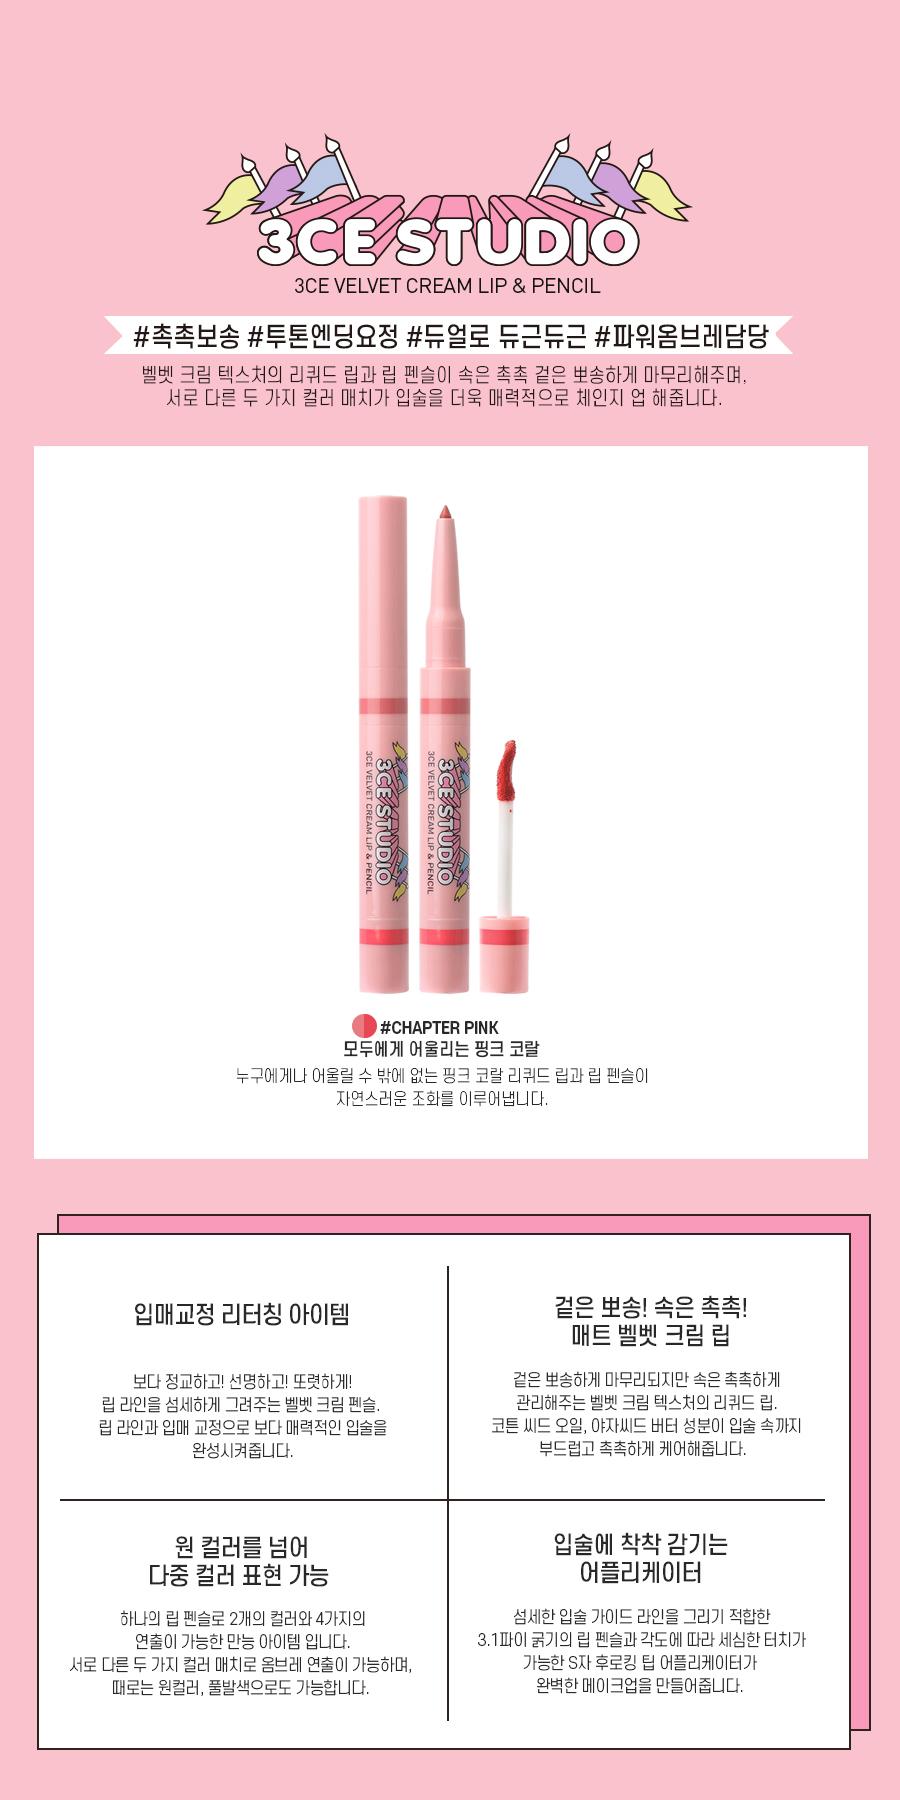 ผลการค้นหารูปภาพสำหรับ 3CE Studio Velvet Cream Lip & Pencil Chapter Pink